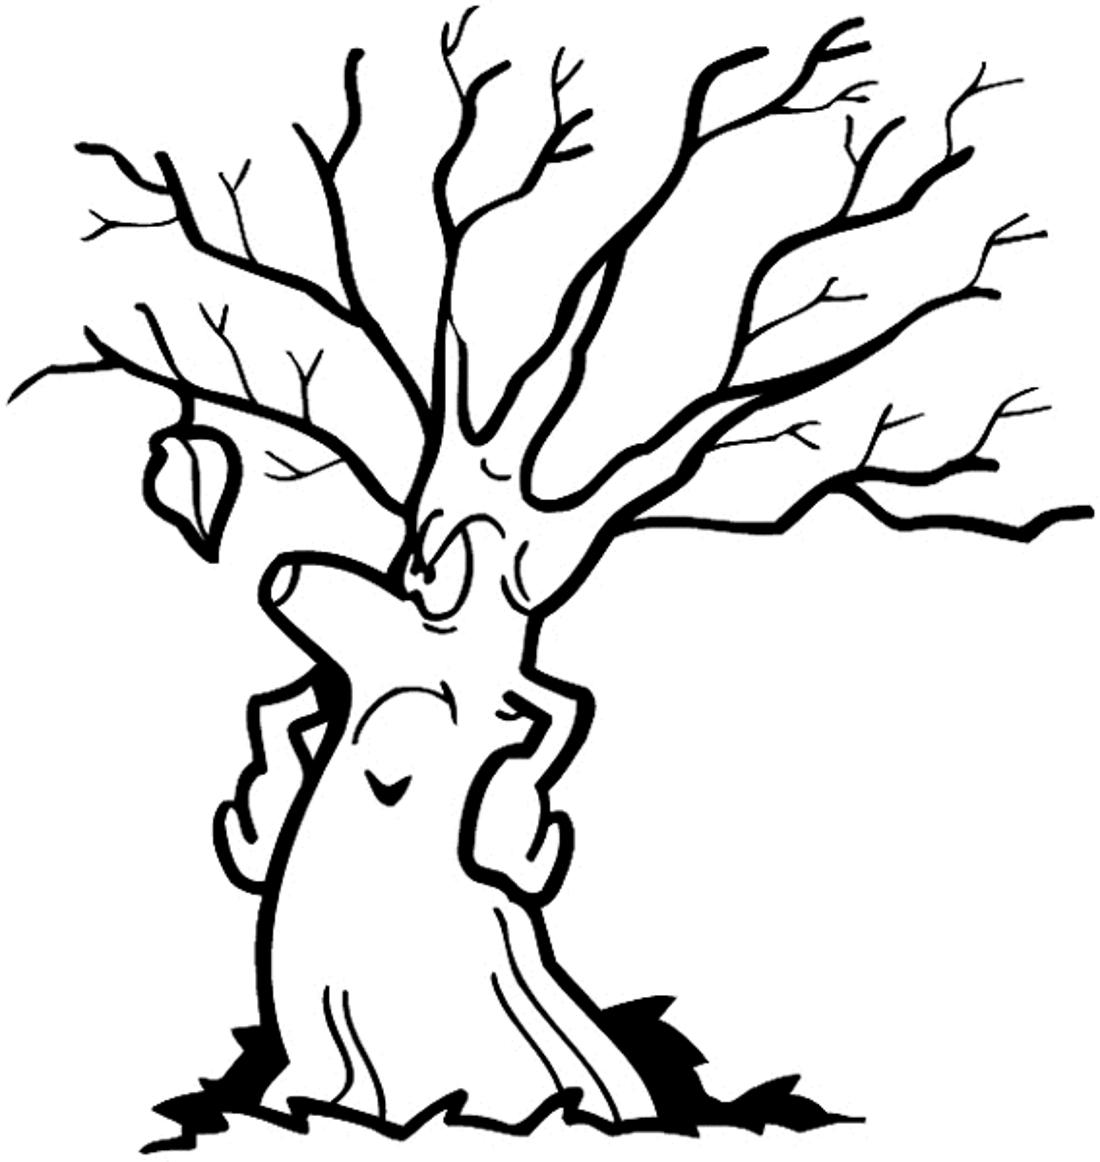 Смешное осеннее дерево - раскраска №10057 | Printonic.ru